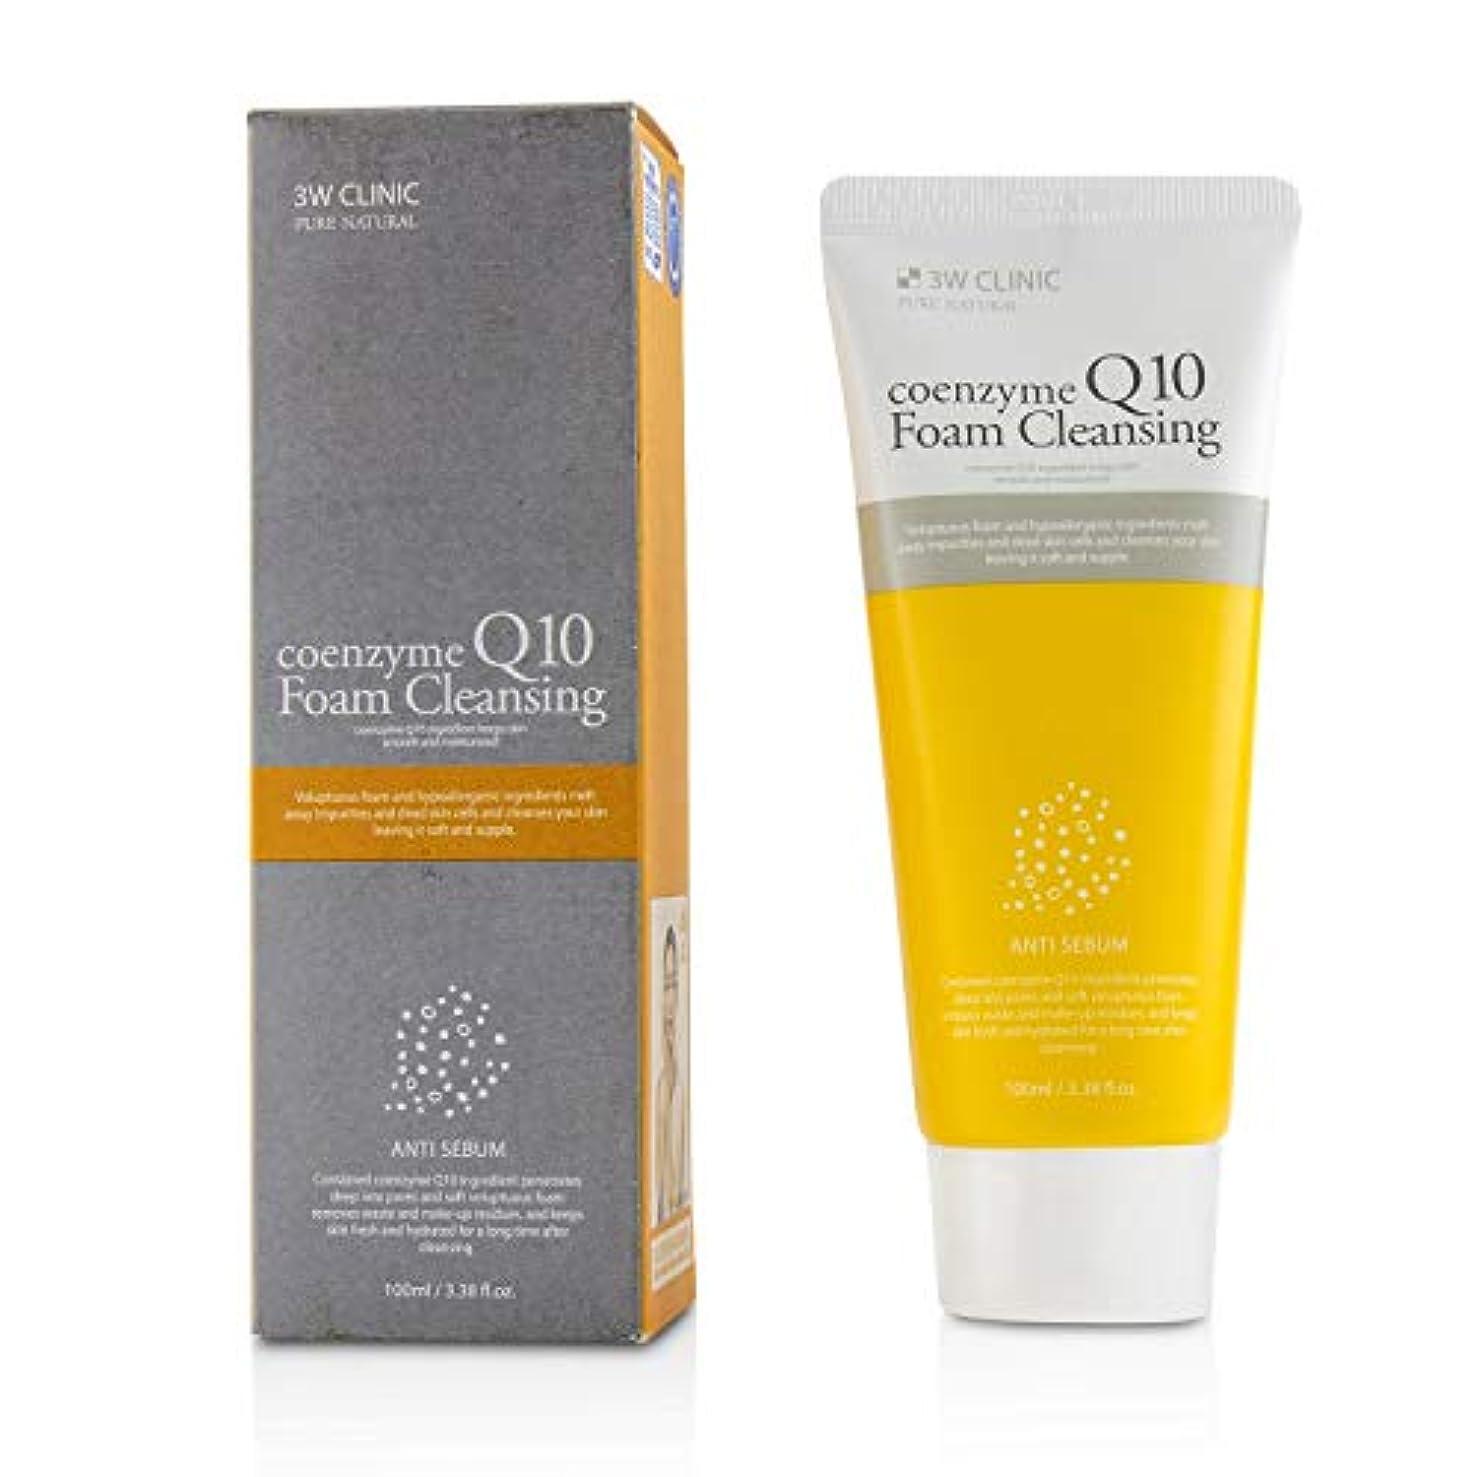 ドレス癌溶かす3Wクリニック Coenzyme Q10 Foam Cleansing 100ml/3.38oz並行輸入品